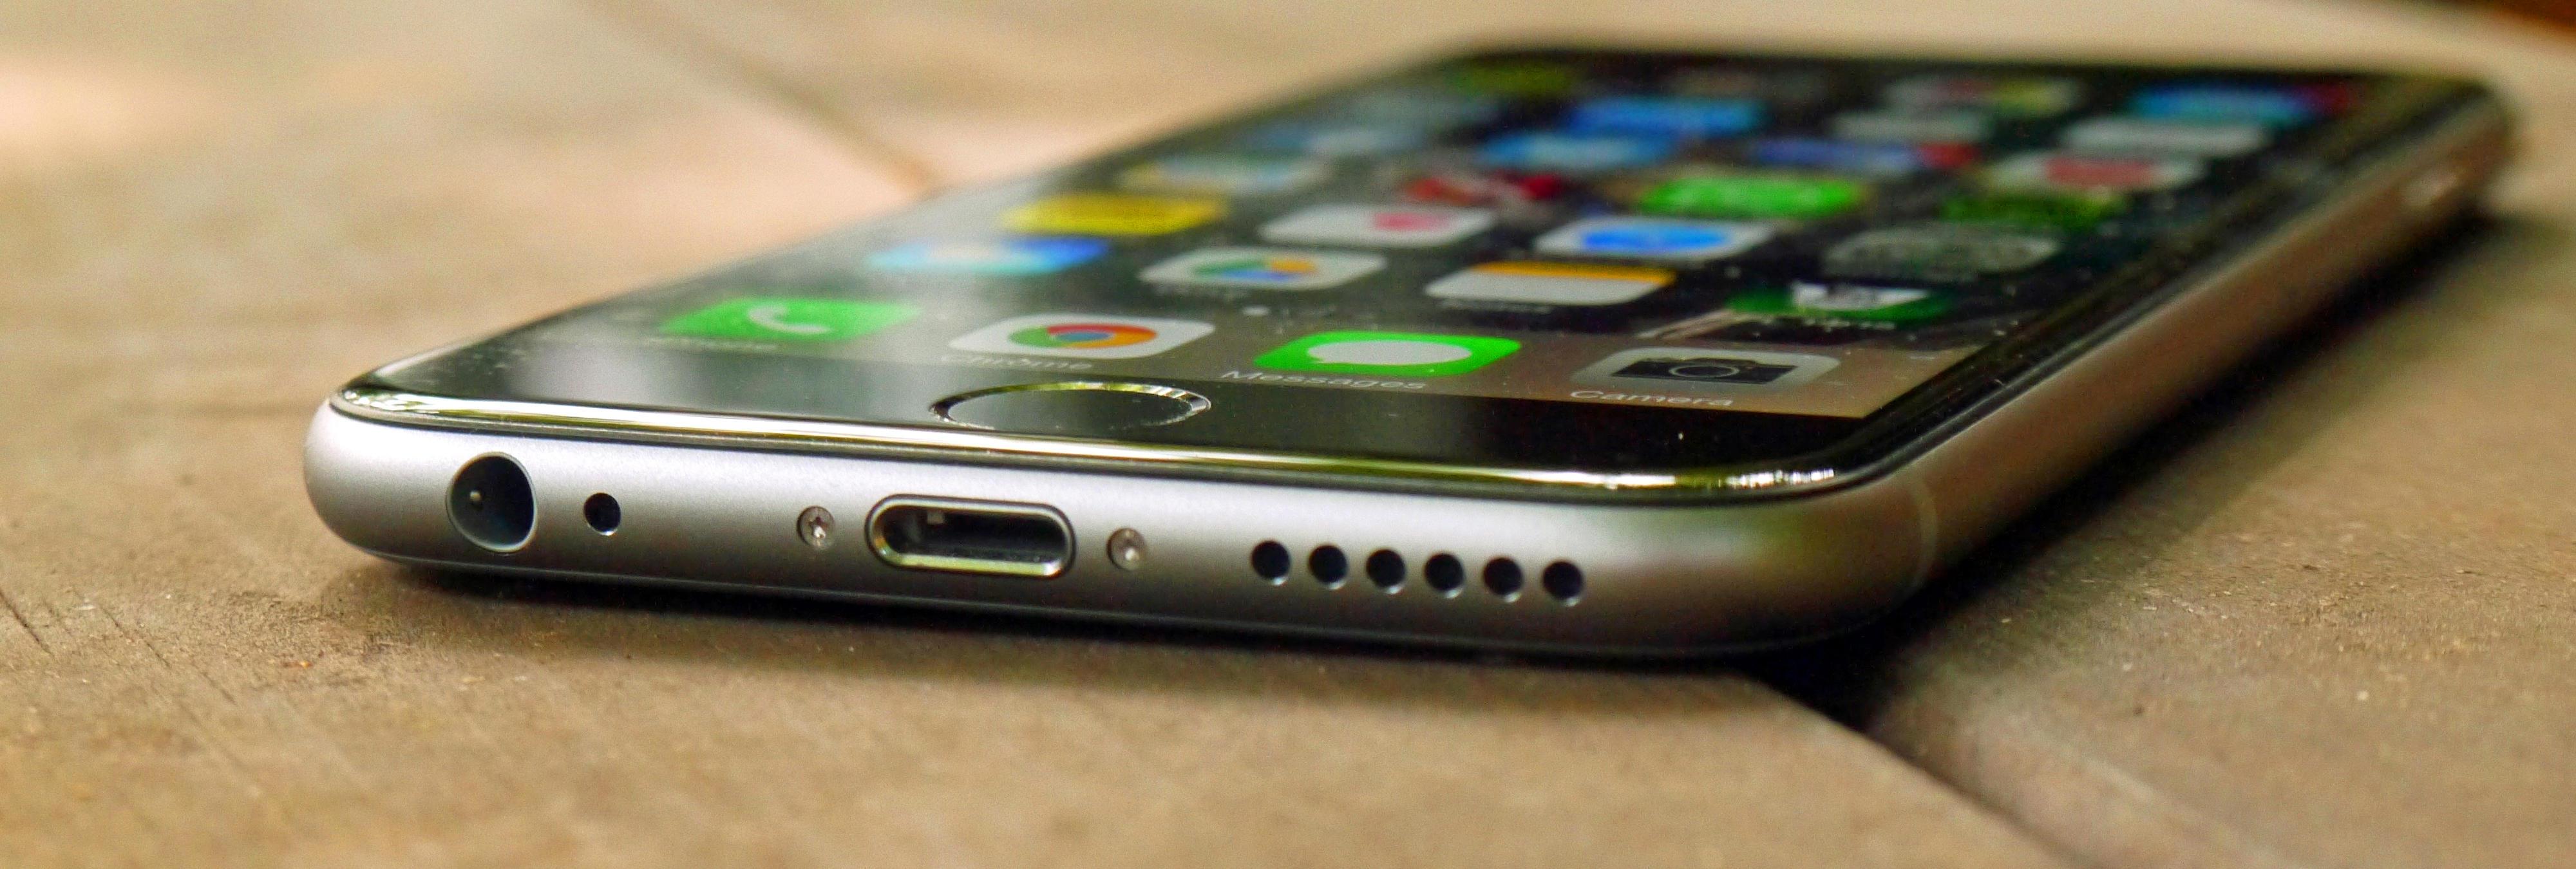 Si tu iPhone tiene poco espacio de almacenamiento, necesitas este truco